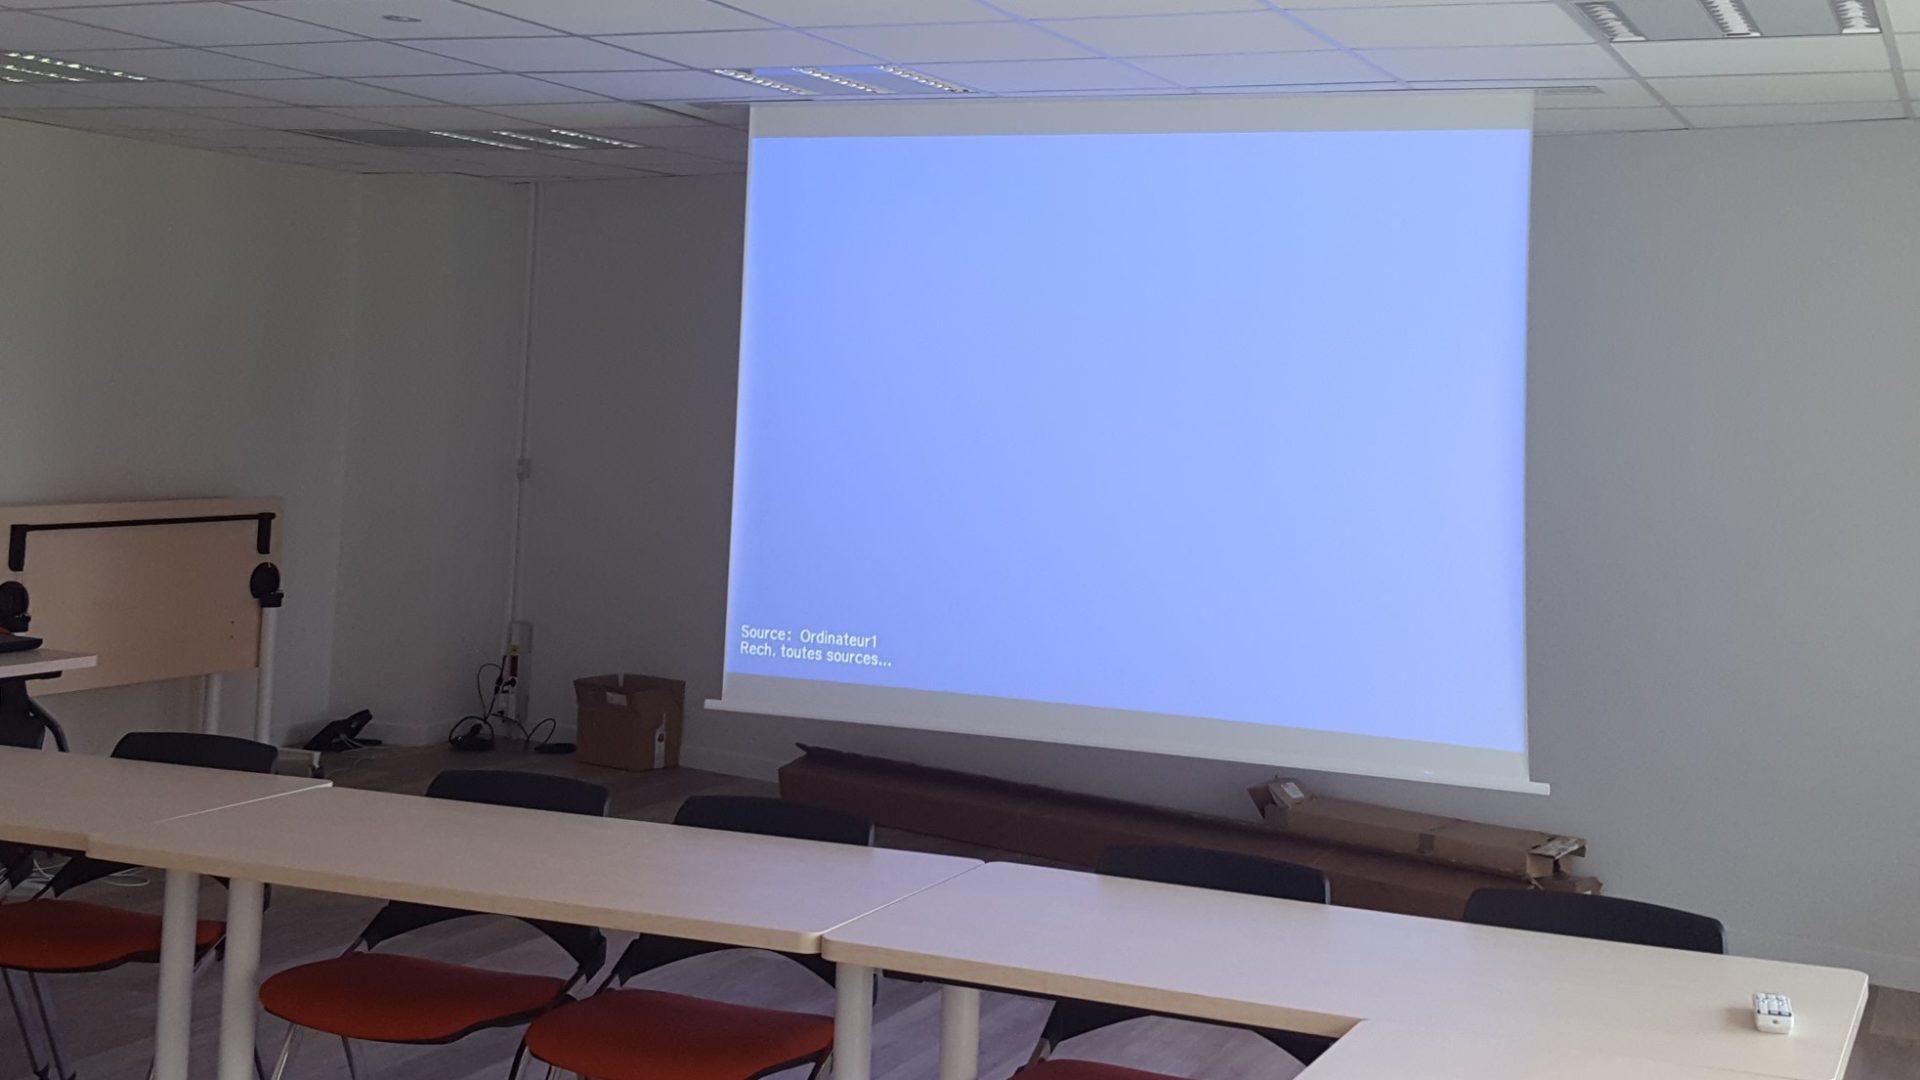 écran déroulant solution video audio visuelle